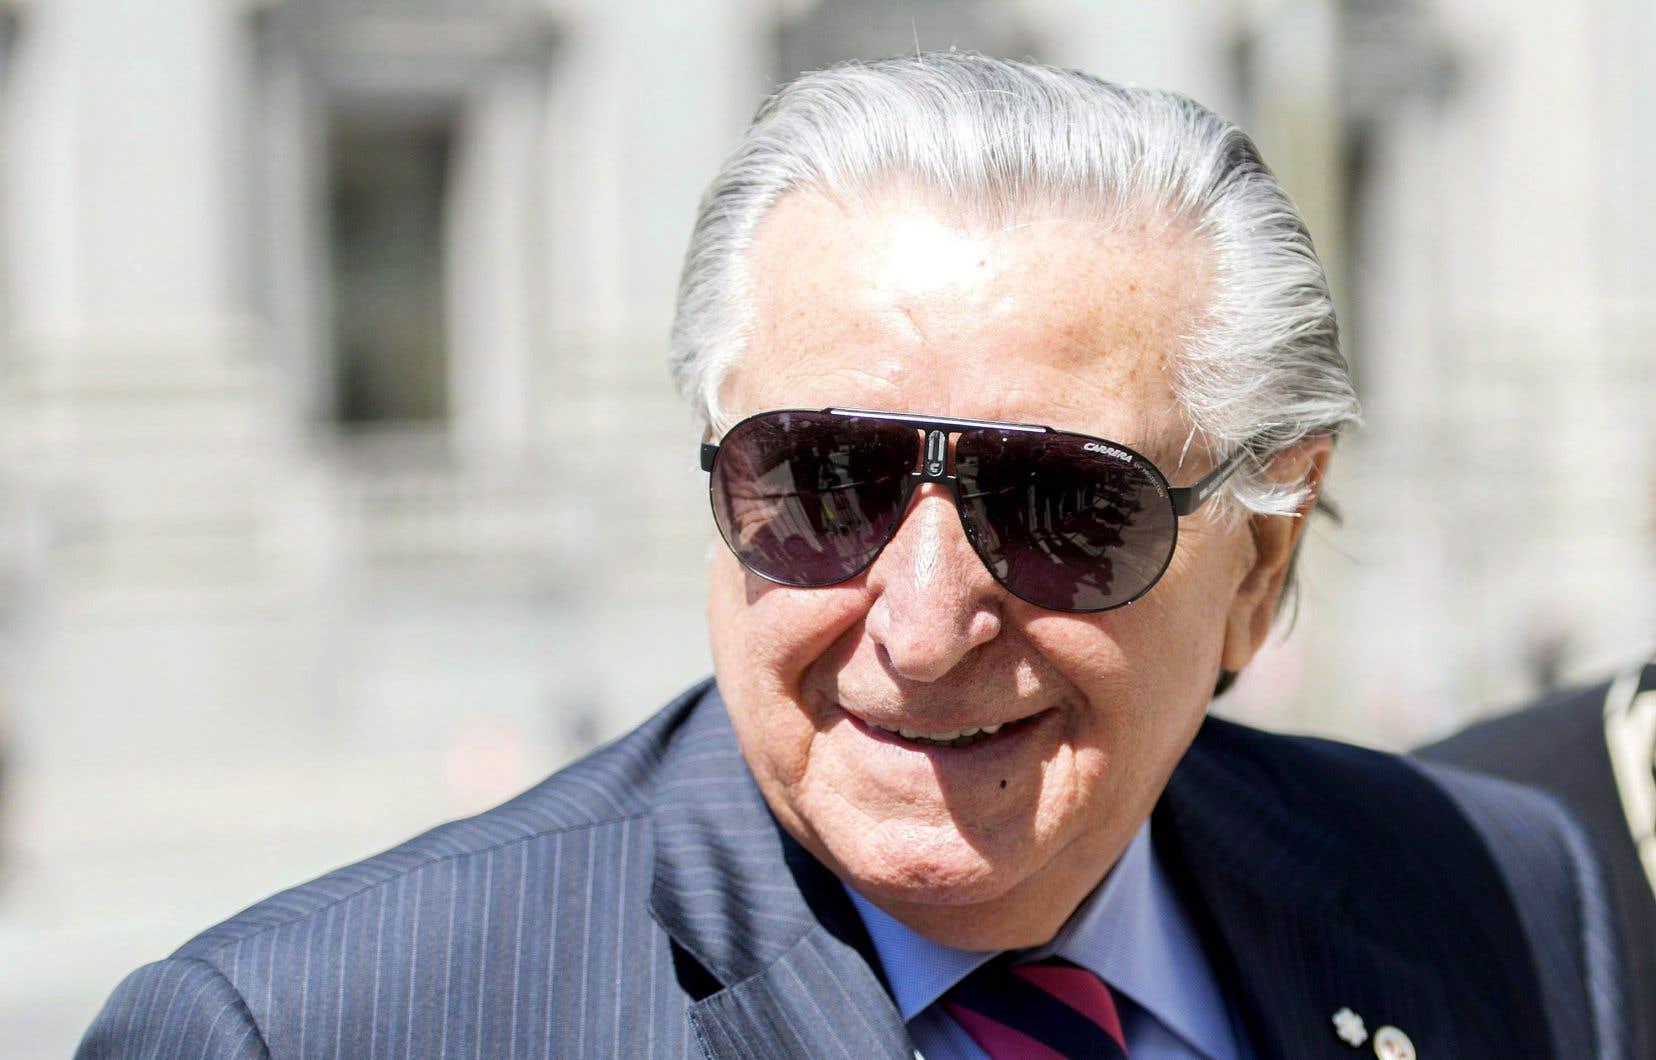 Lino Saputo a payé tous les frais de publication de sa biographie, l'éditeur abandonnant son droit de regard sur l'œuvre.